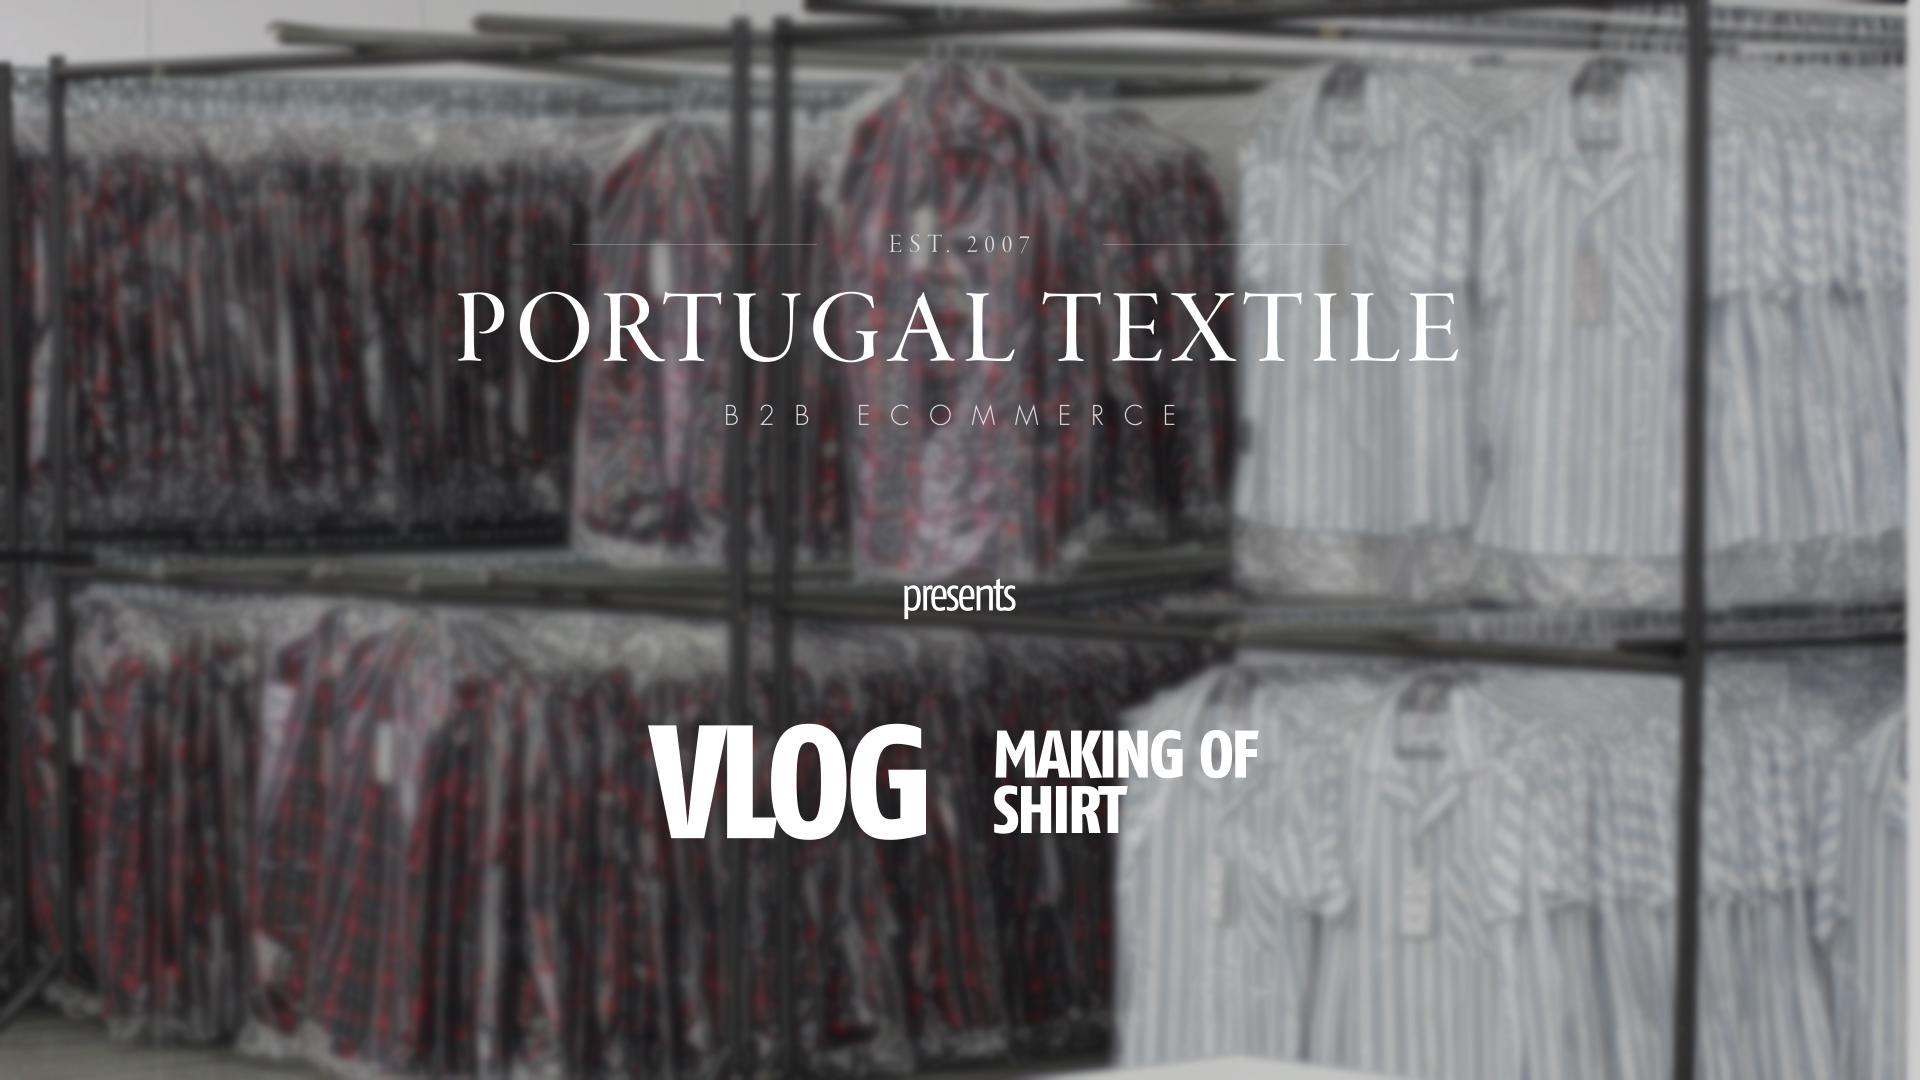 vlog_08 making of shirt